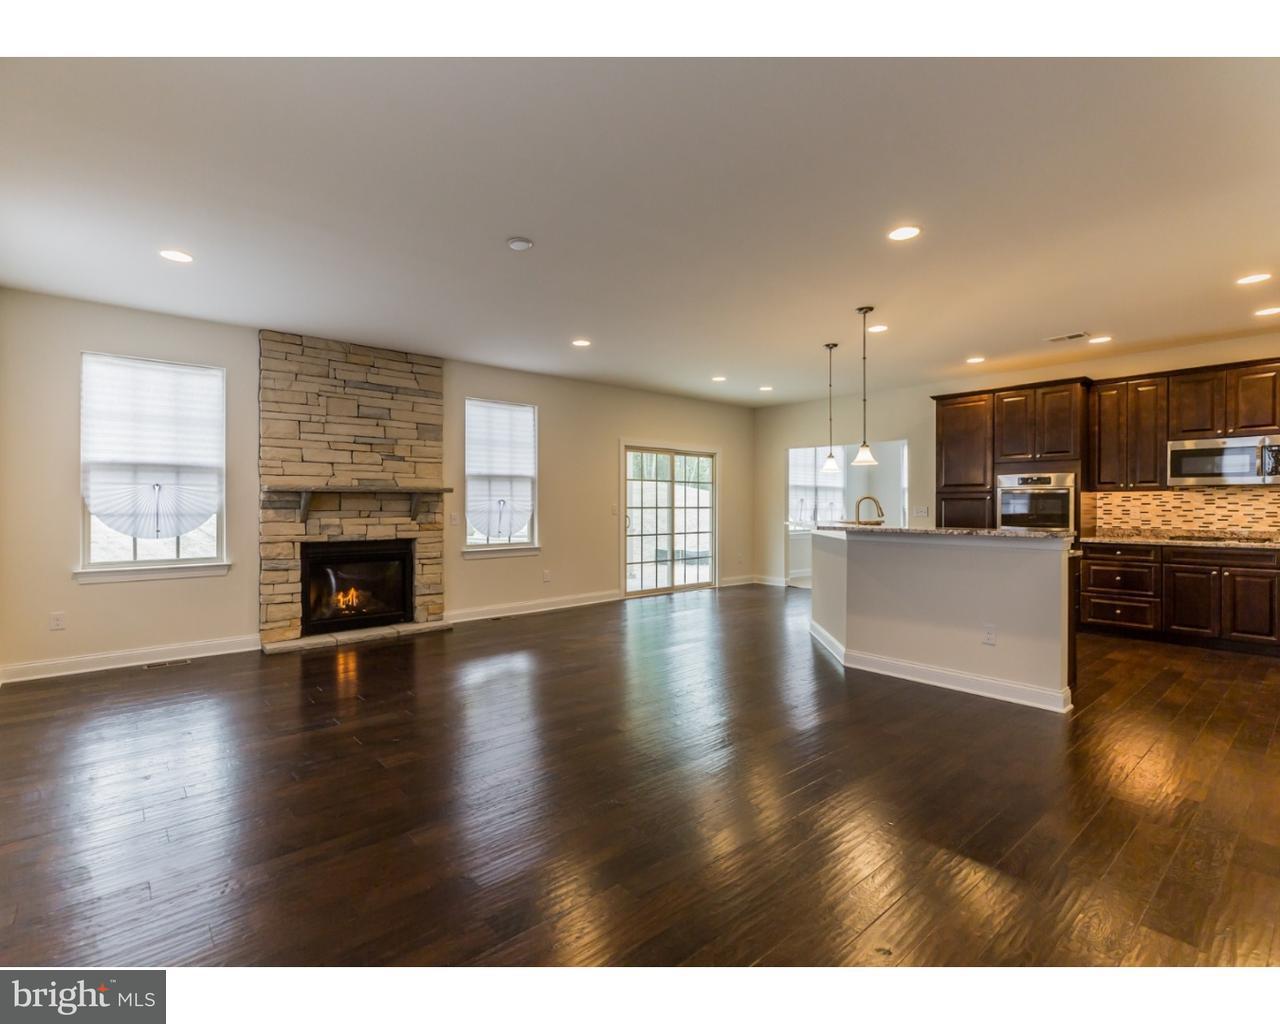 独户住宅 为 销售 在 5 POLLOCK Court West Berlin, 新泽西州 08091 美国